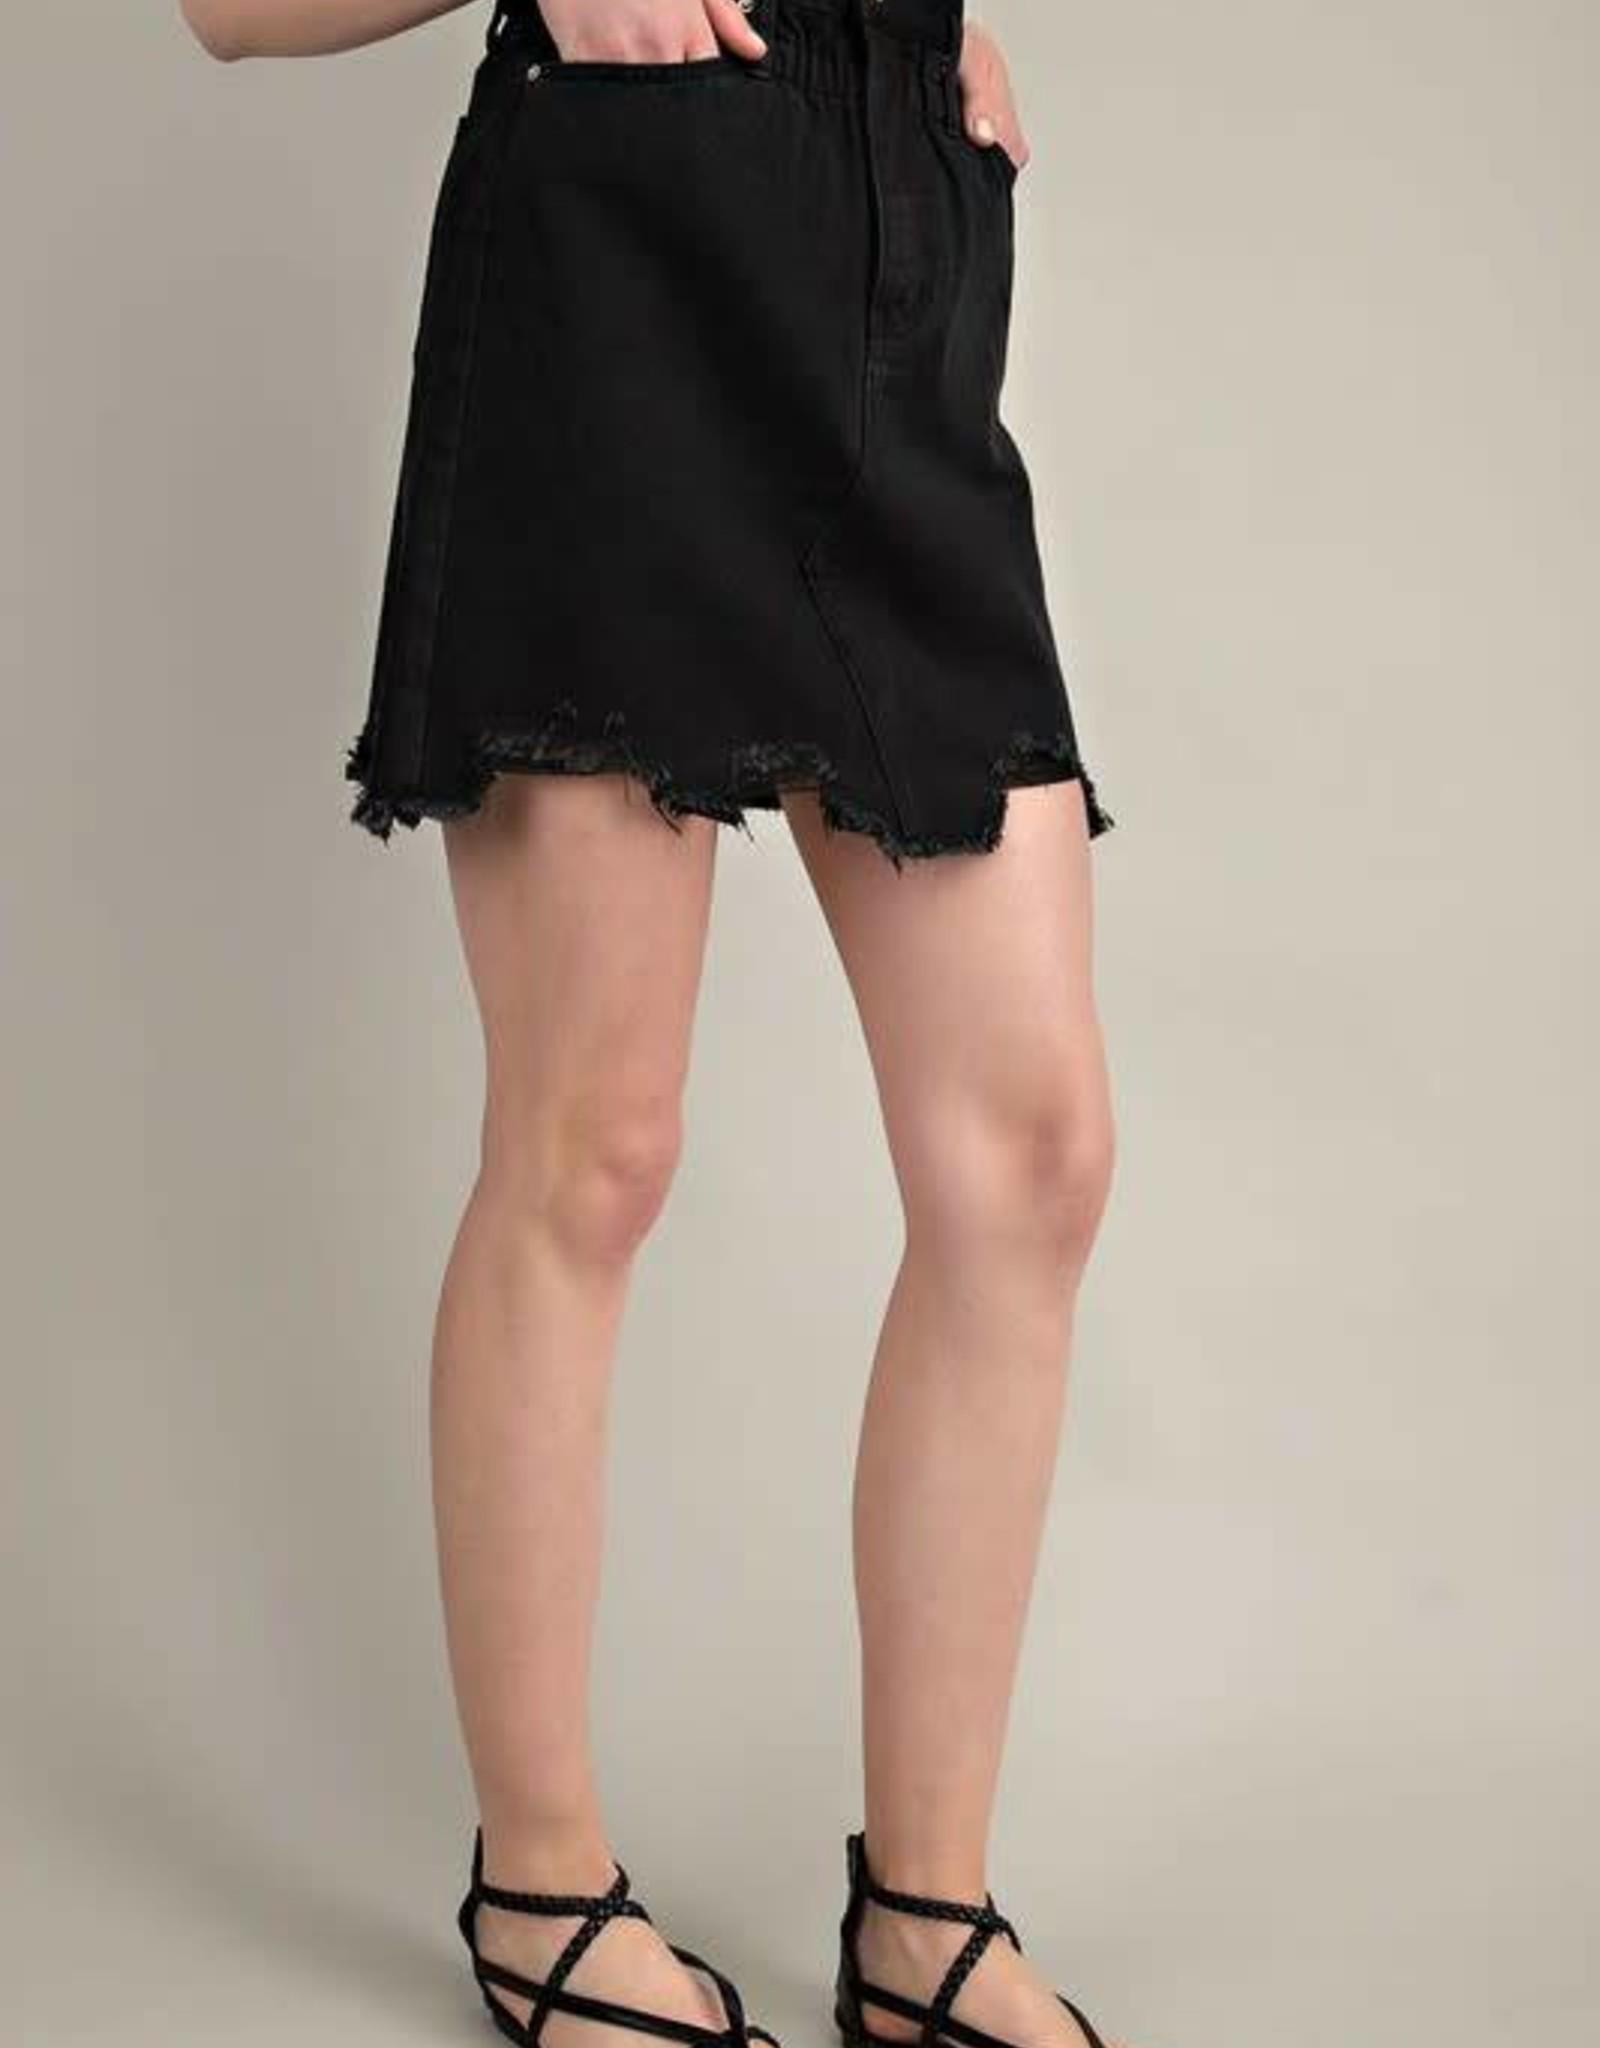 Best of Both Worlds Skirt